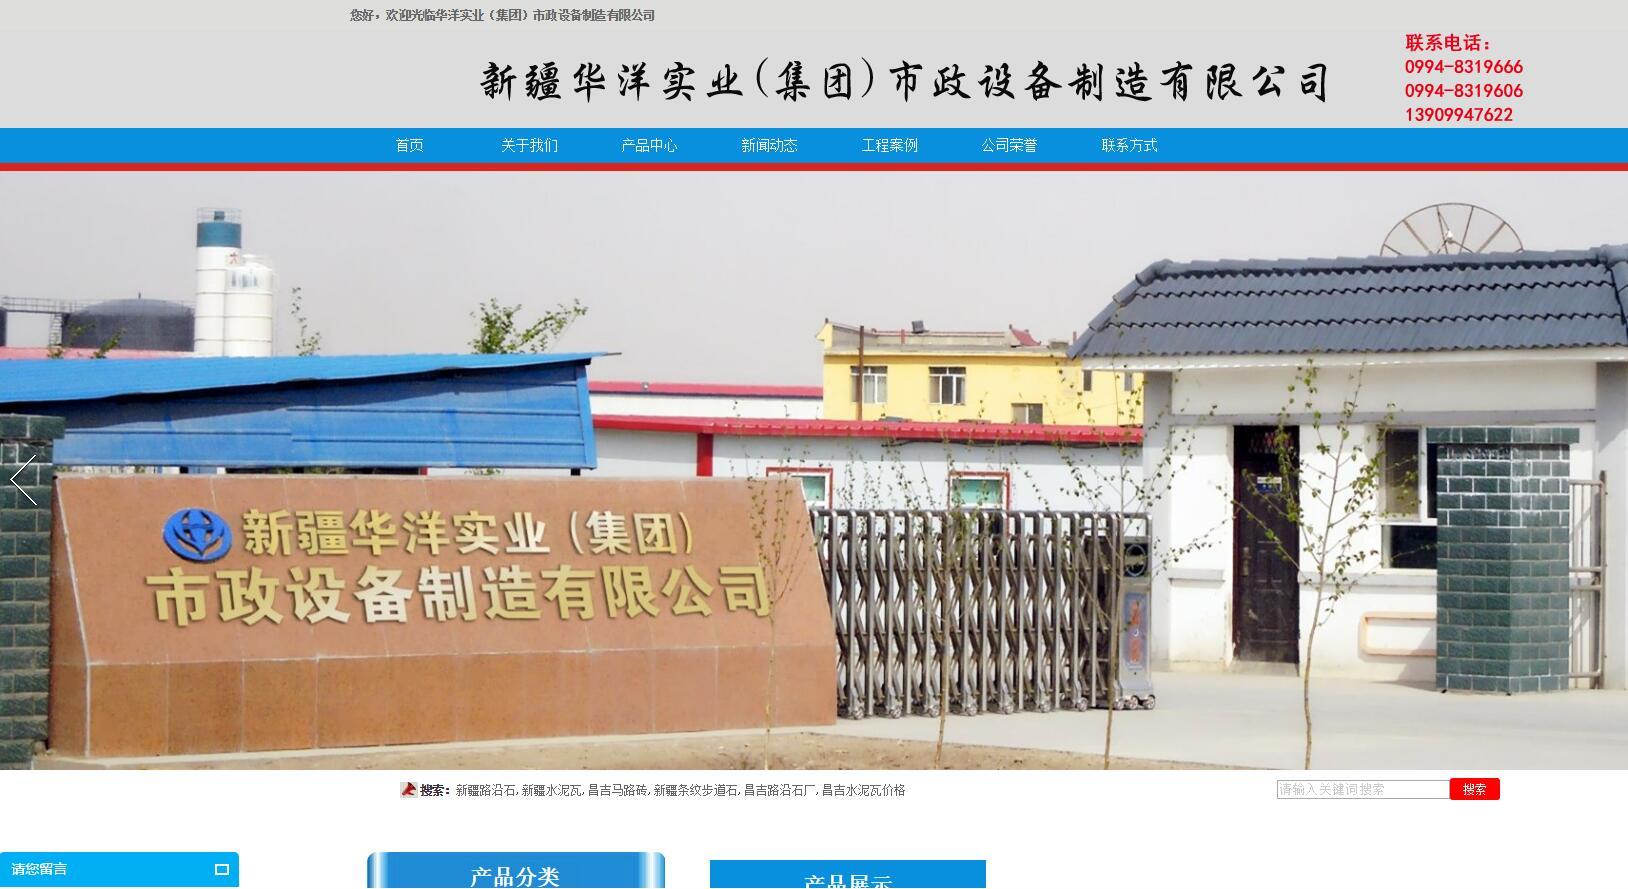 华洋实业(集团)市政设备